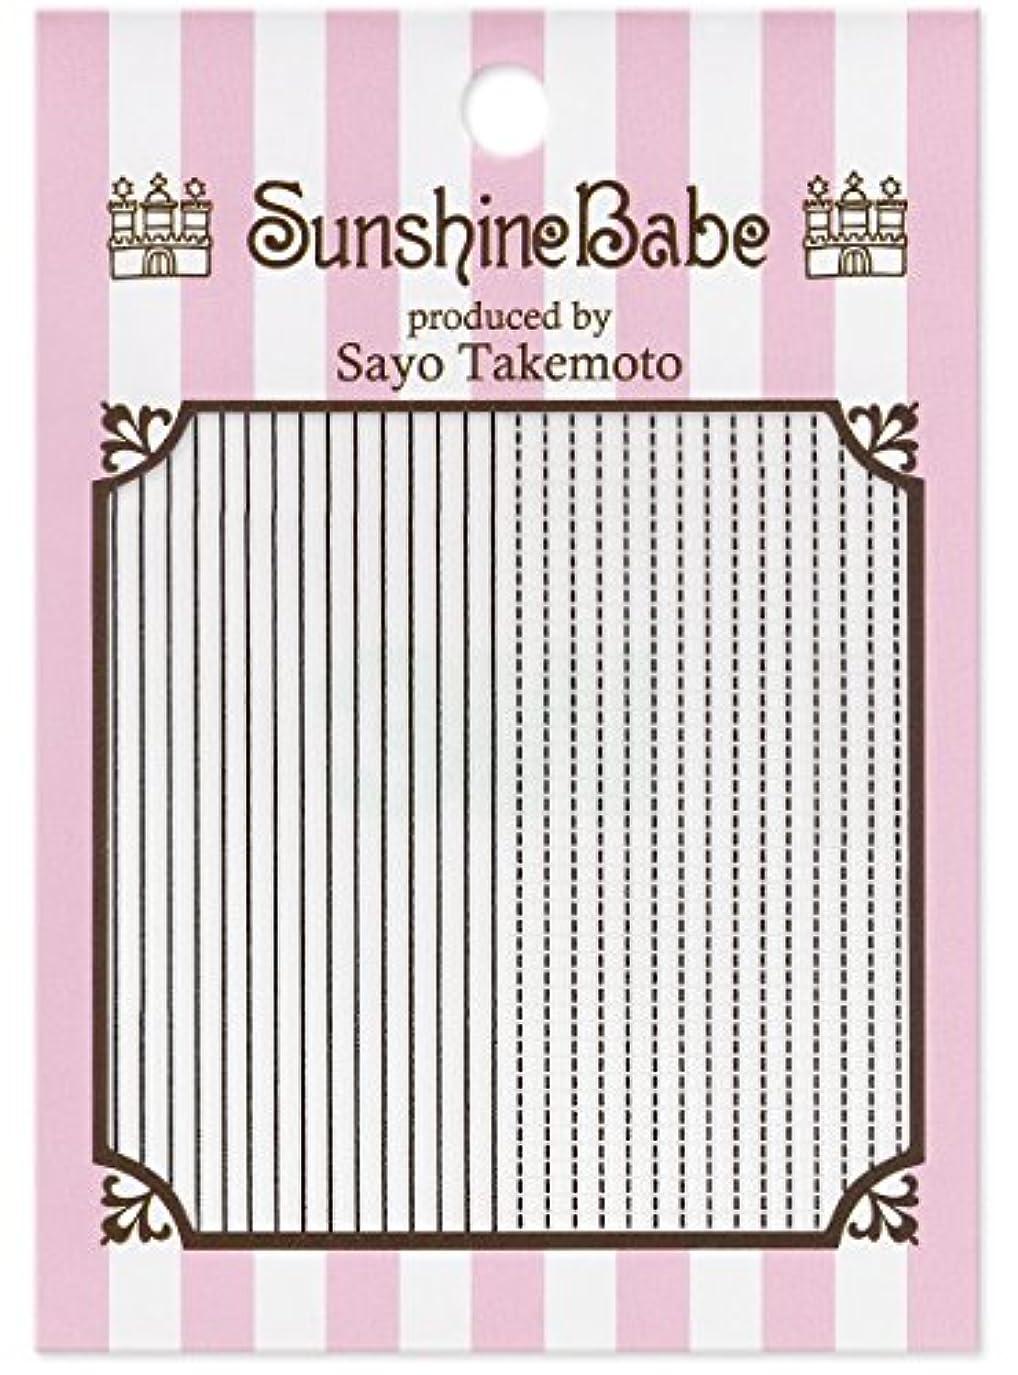 サンシャインベビー ジェルネイル 武本小夜のネイルシール Sayo Style ラインステッチ ブラック